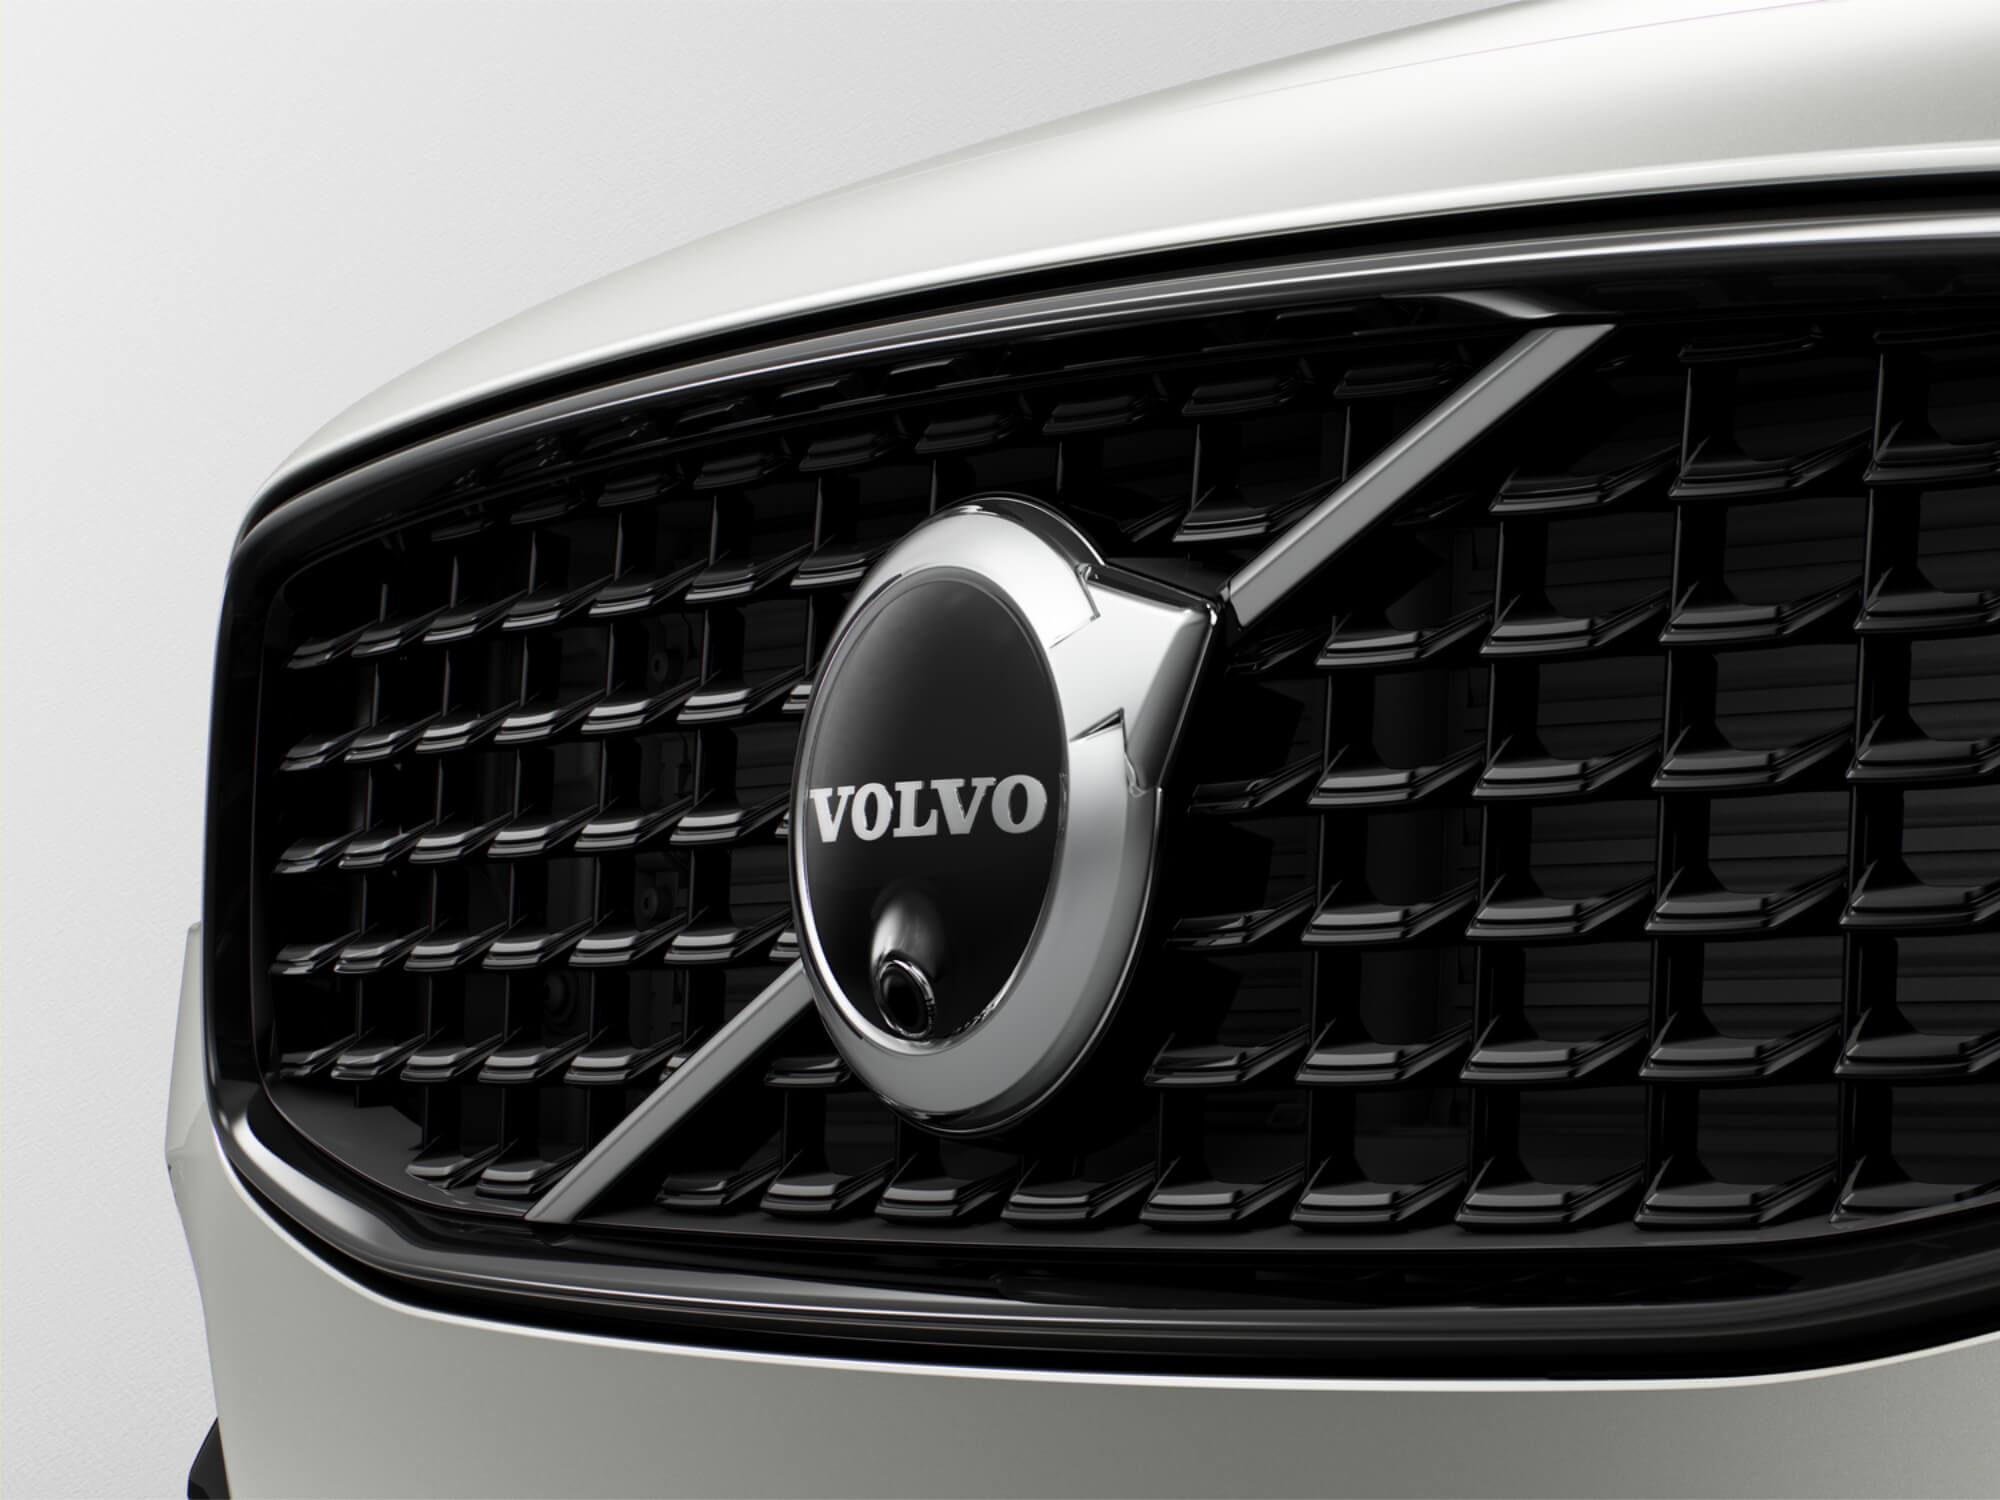 Volvo V90 Mild Hybrid grill